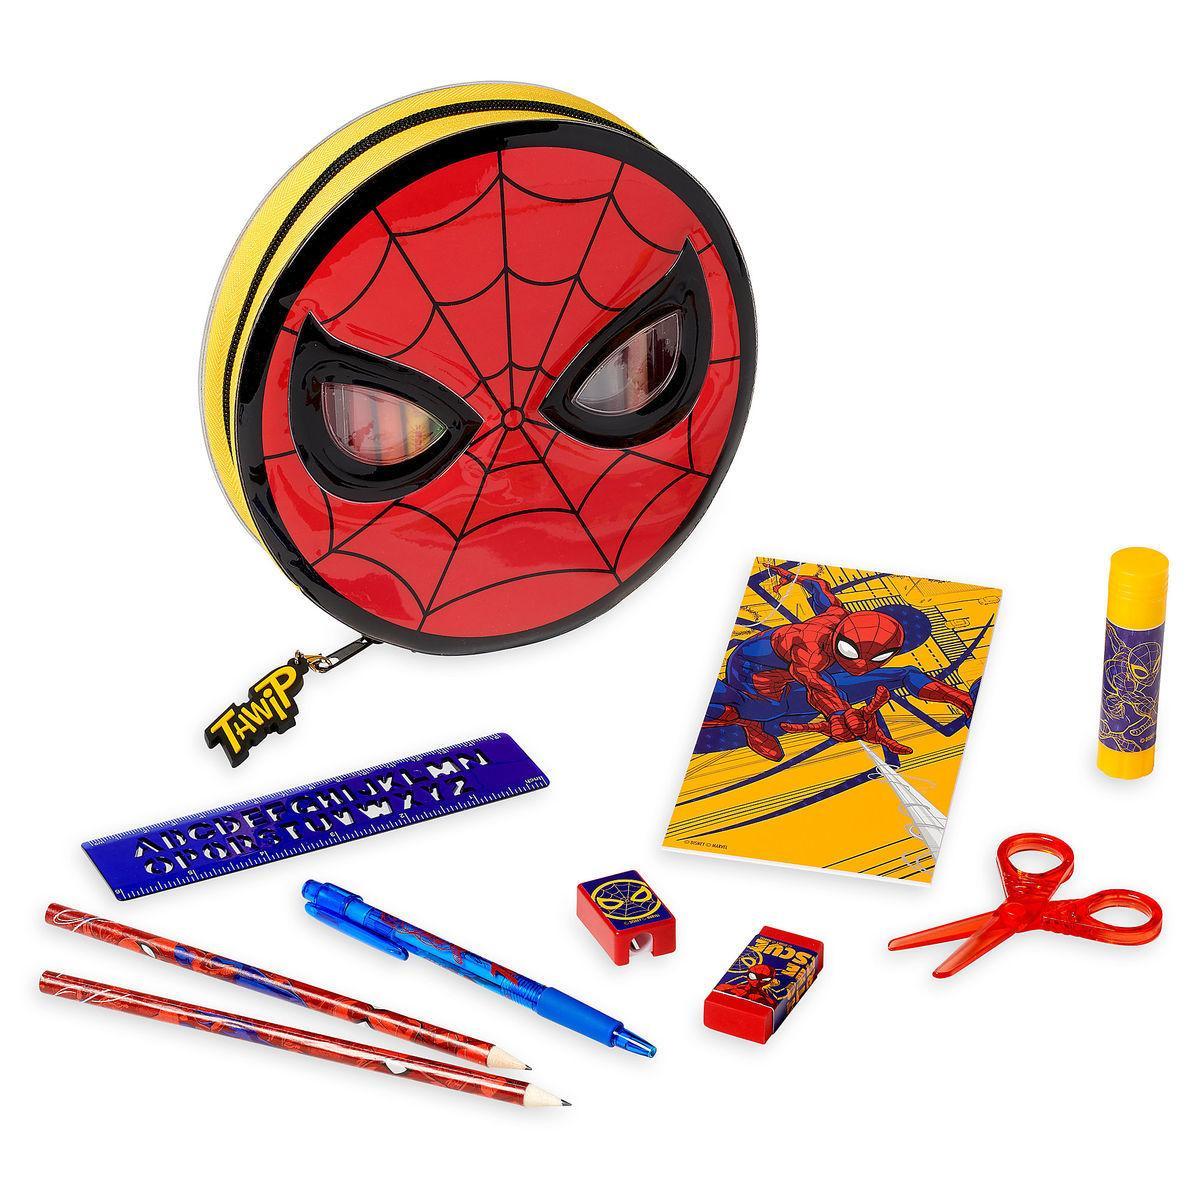 Пенал с канцтоварами Спайдермен Дисней / Spider-Man Disney